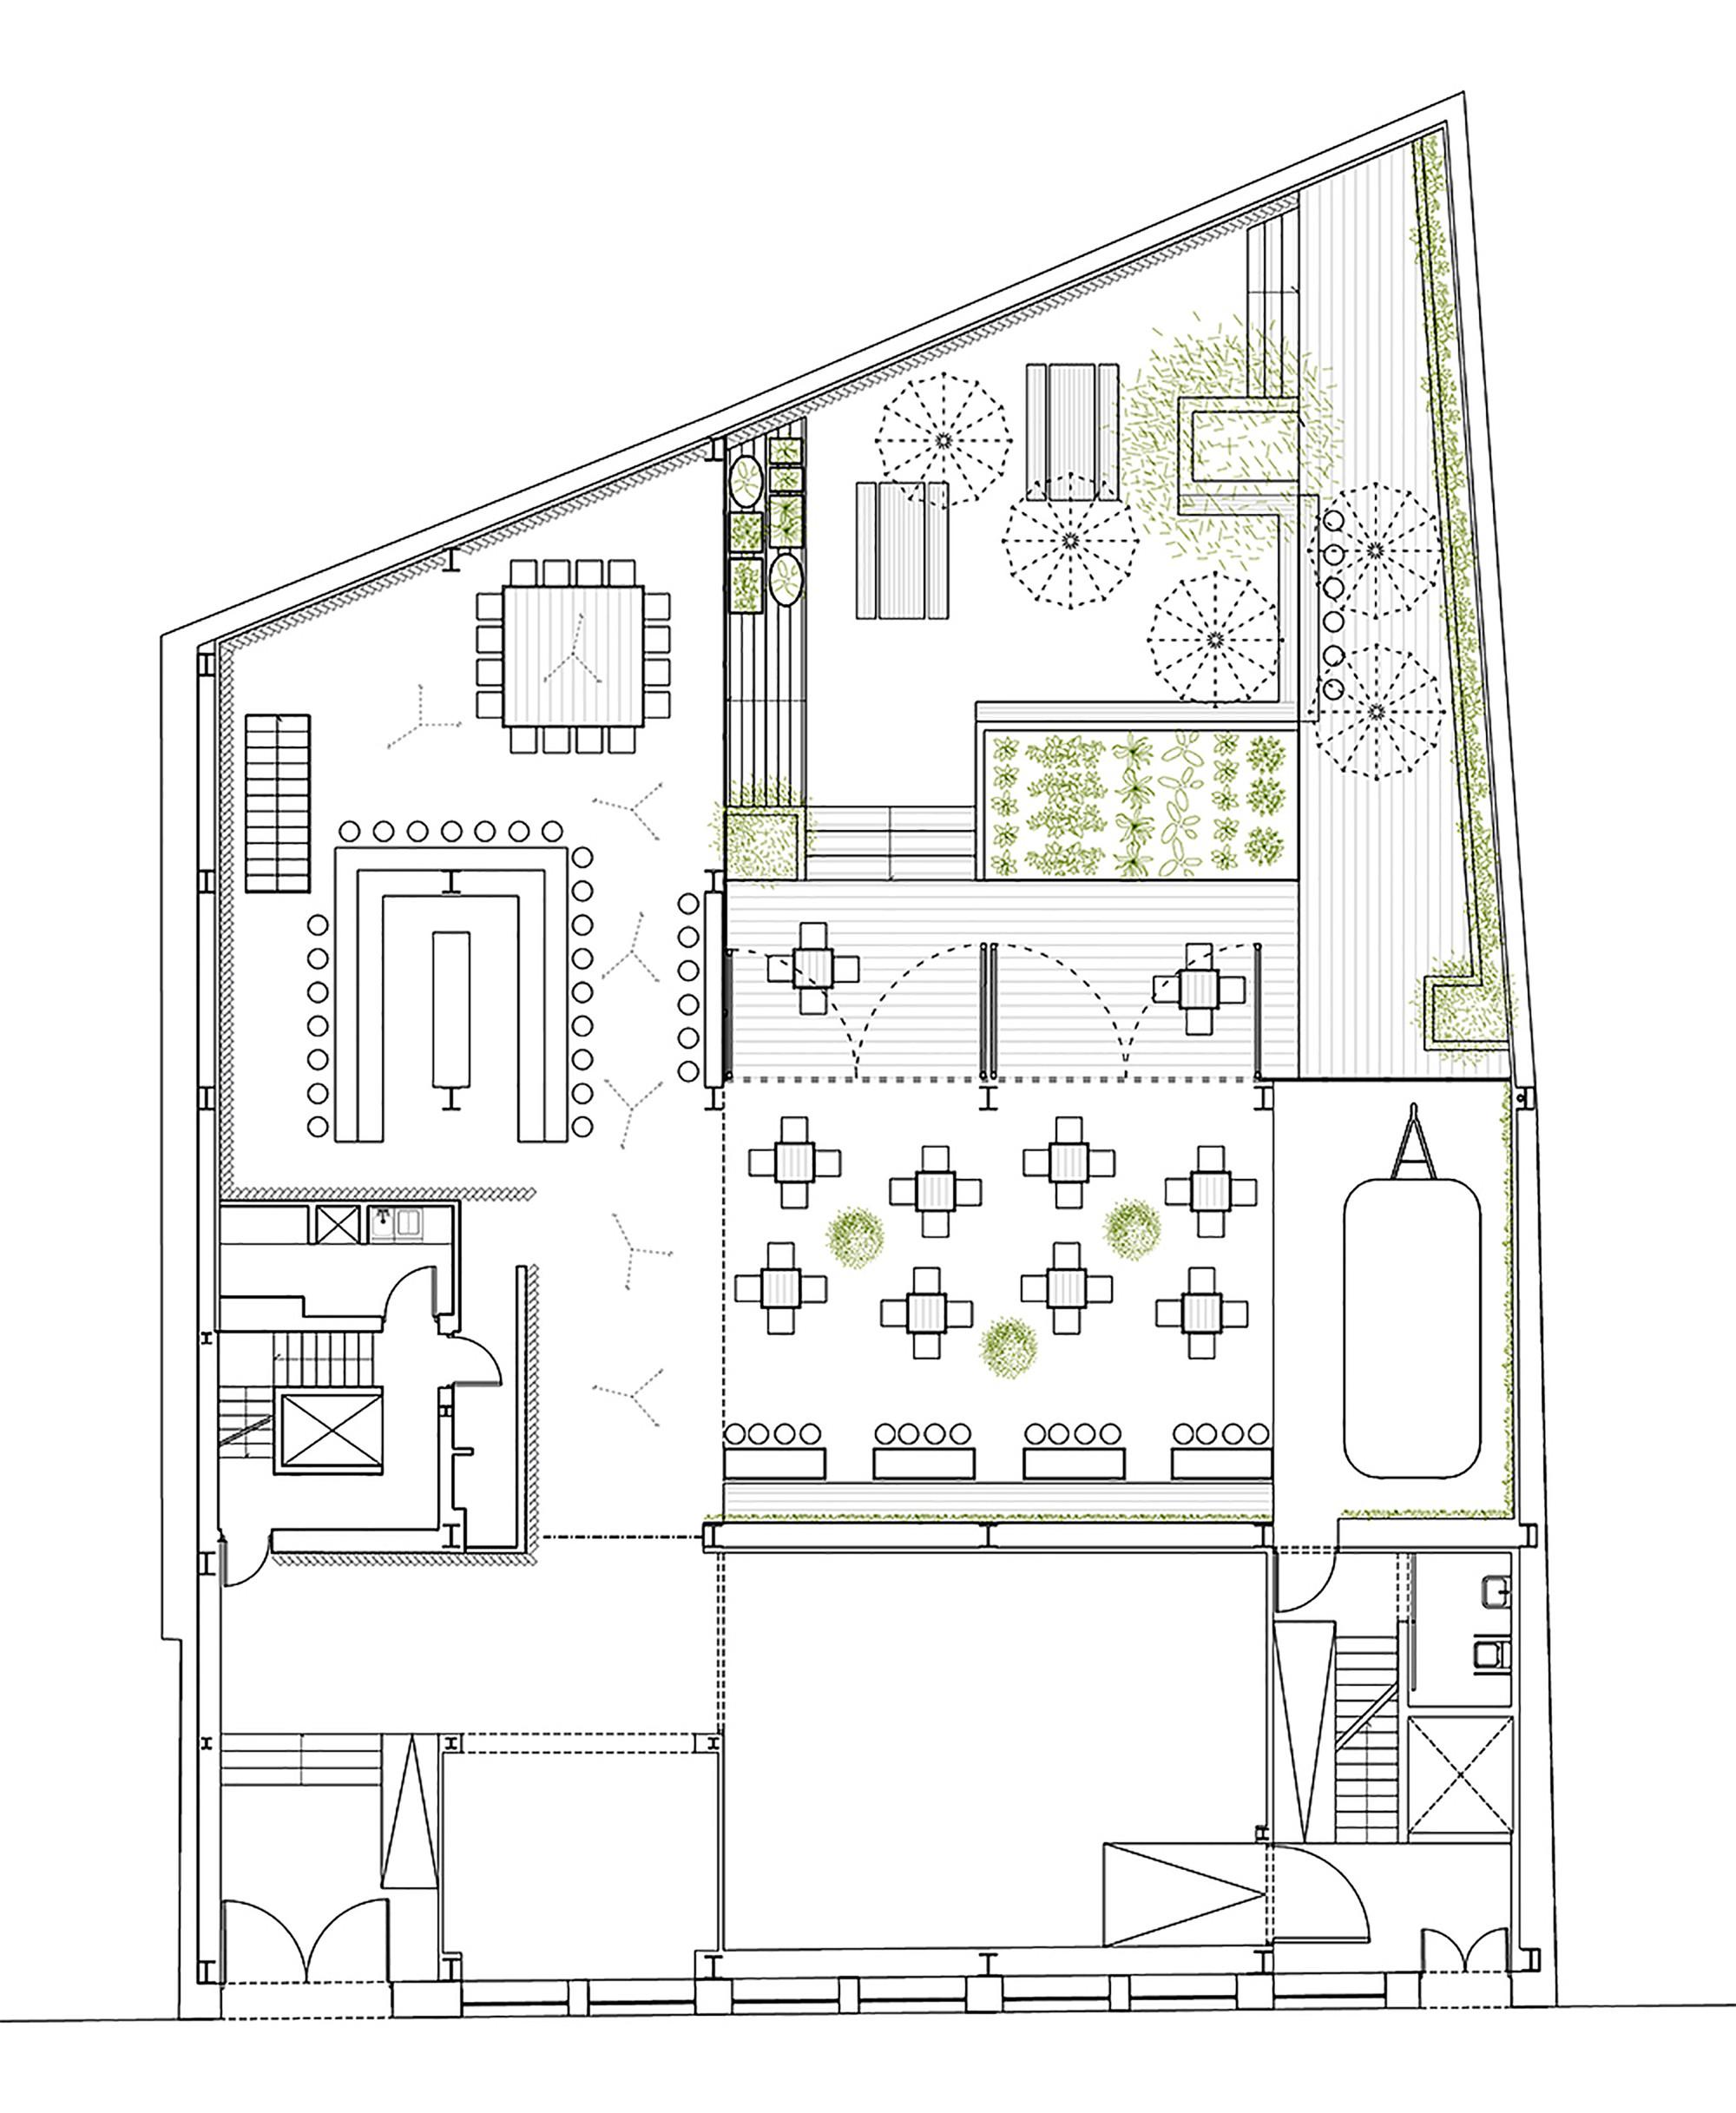 Gallery of urban garden ak a